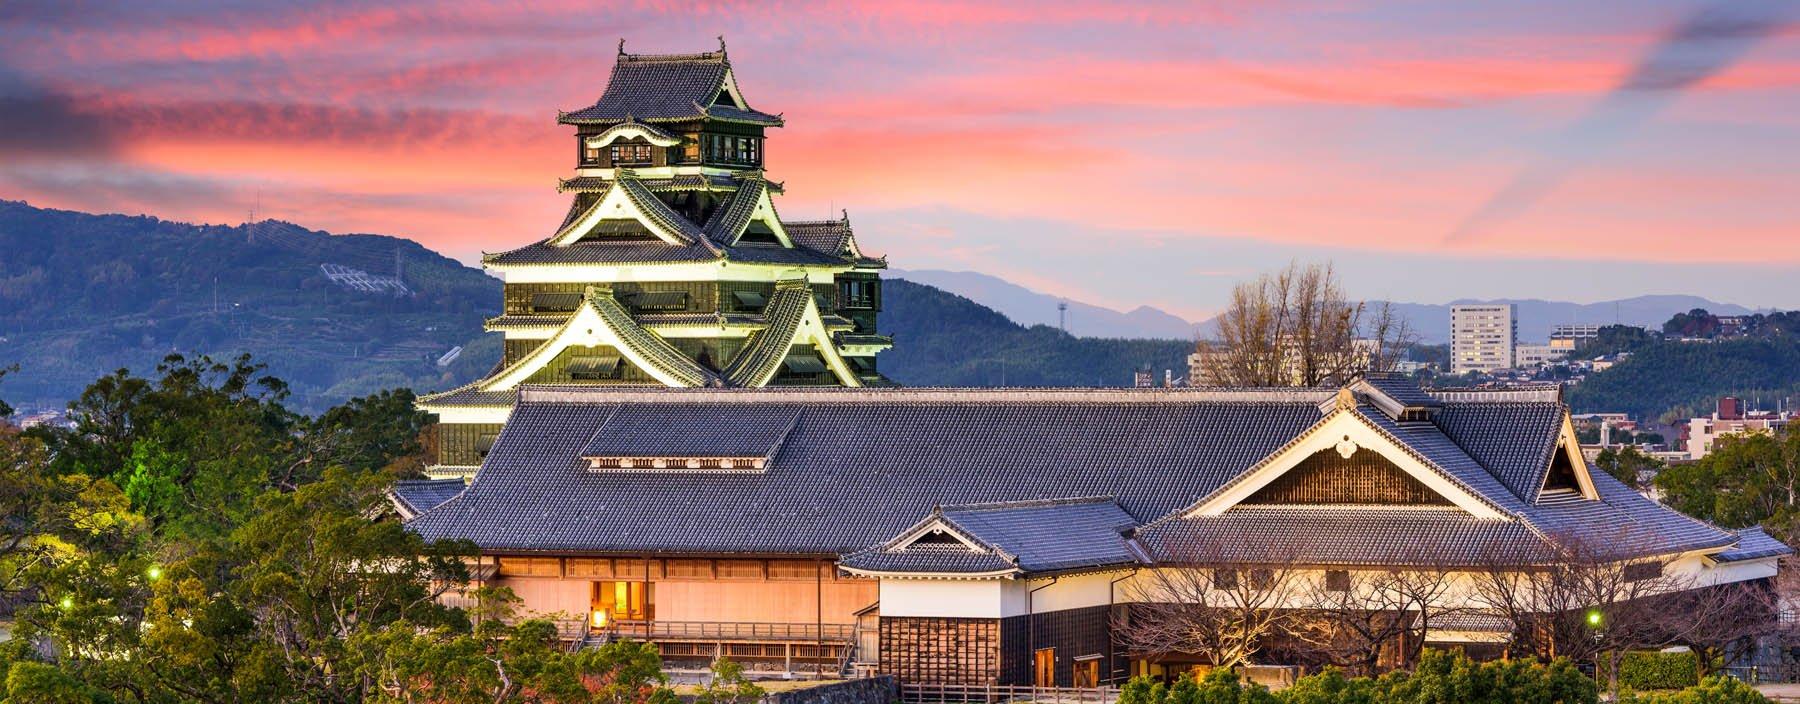 jp, kumamoto, kumamoto kasteel.jpg